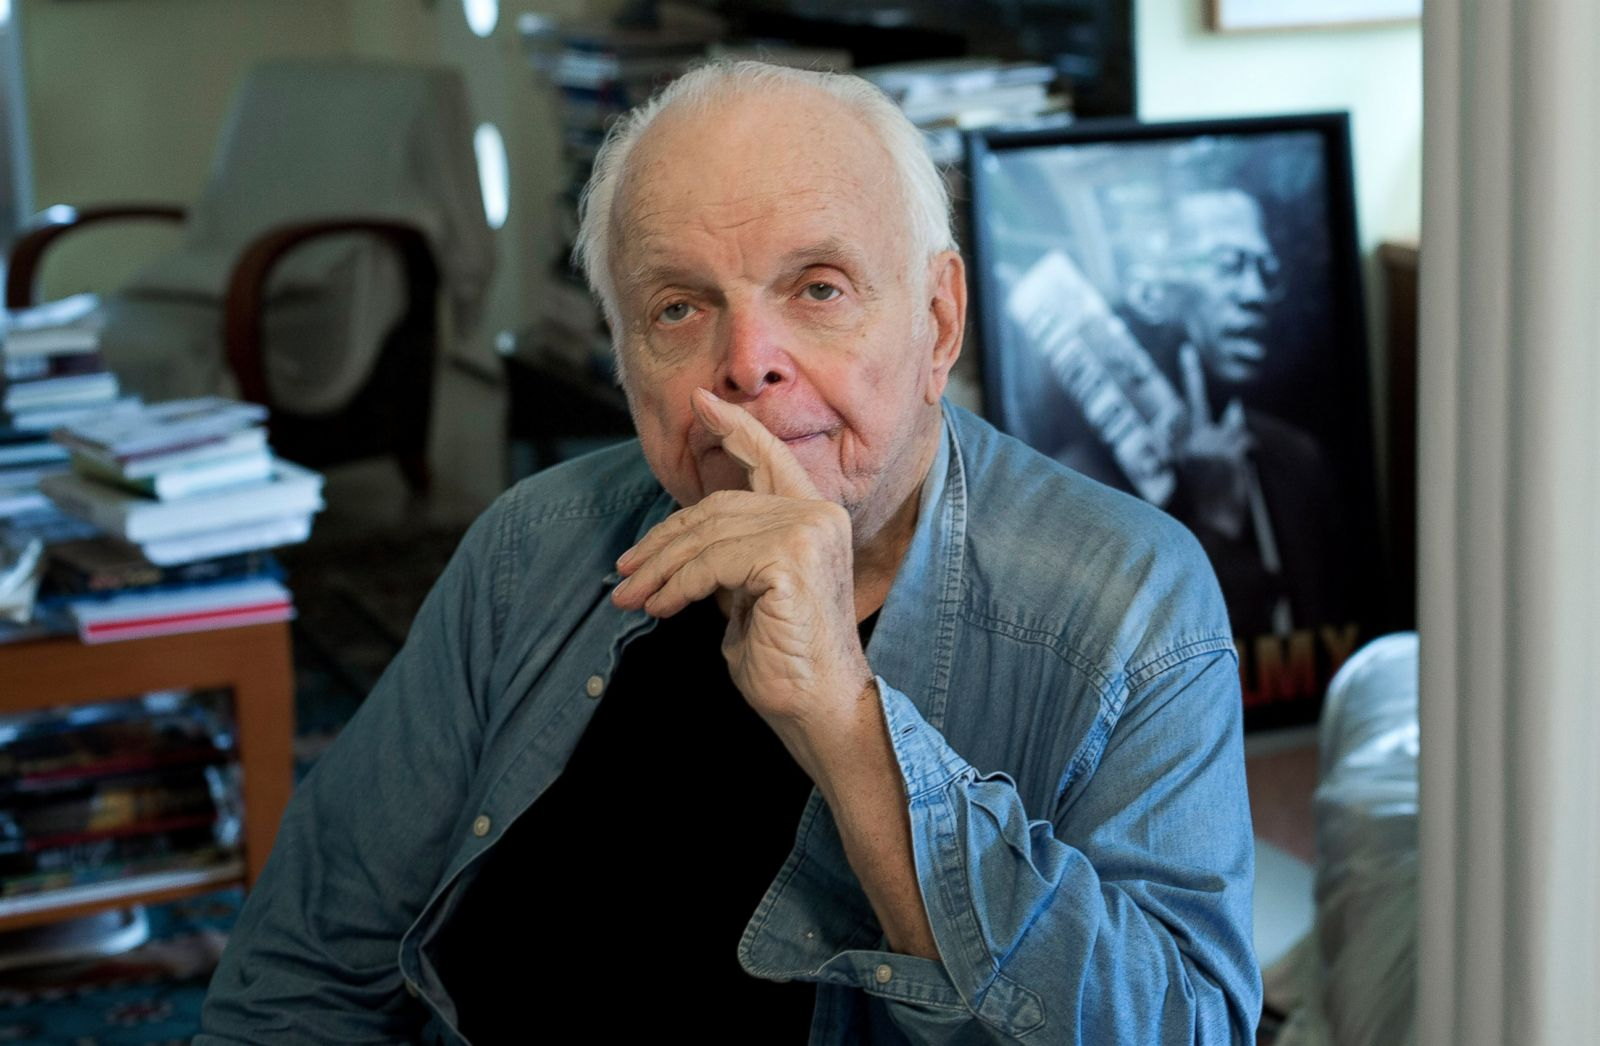 Bob Adelman